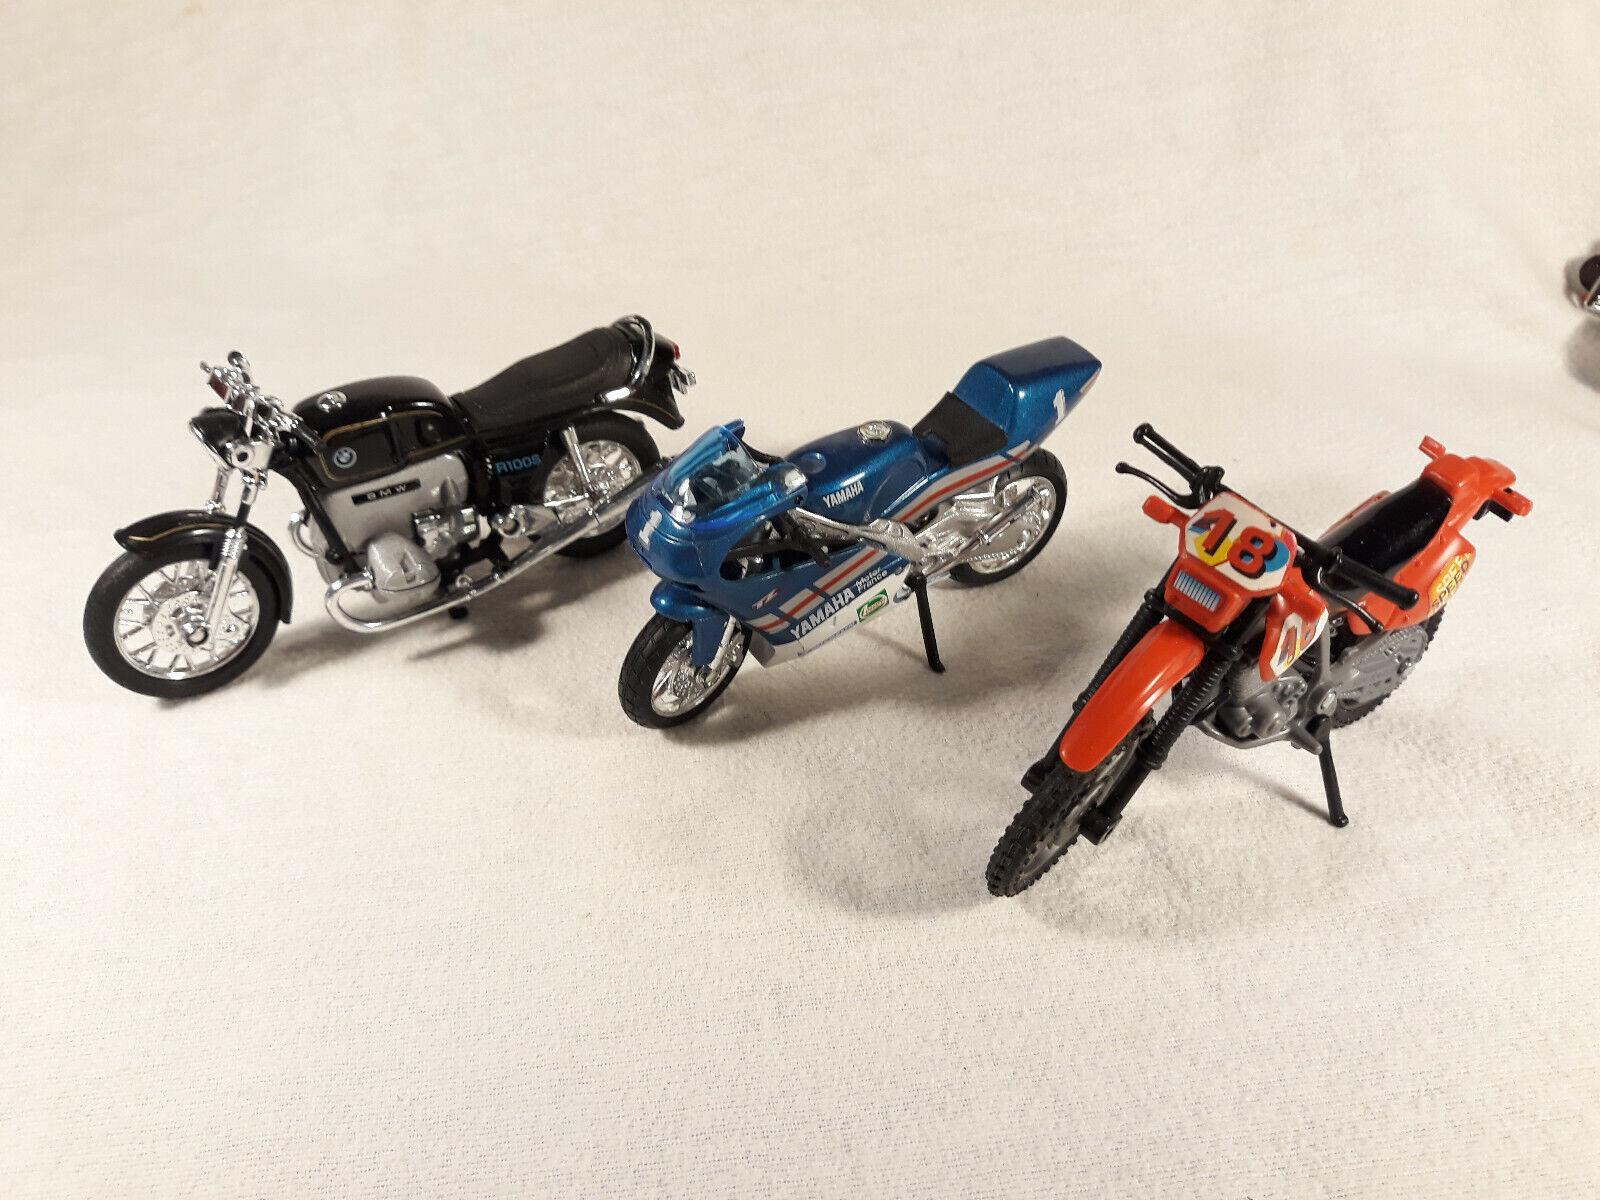 Motos miniatures : roadsters, sportives, customs, cross : yamaha, honda, bmw